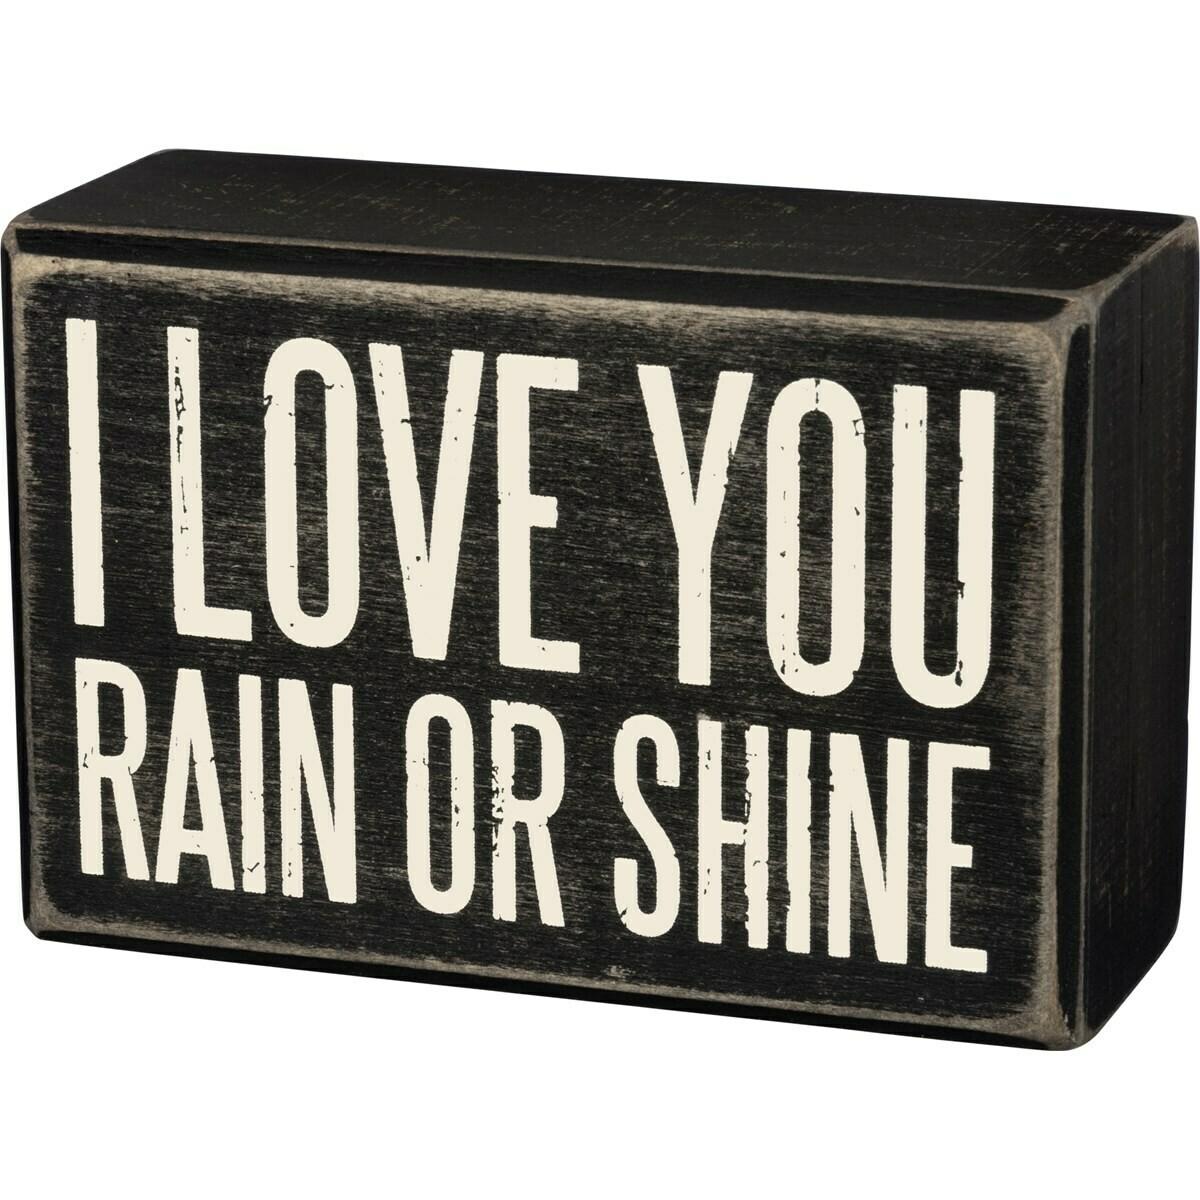 Rain or Shine Box Sign